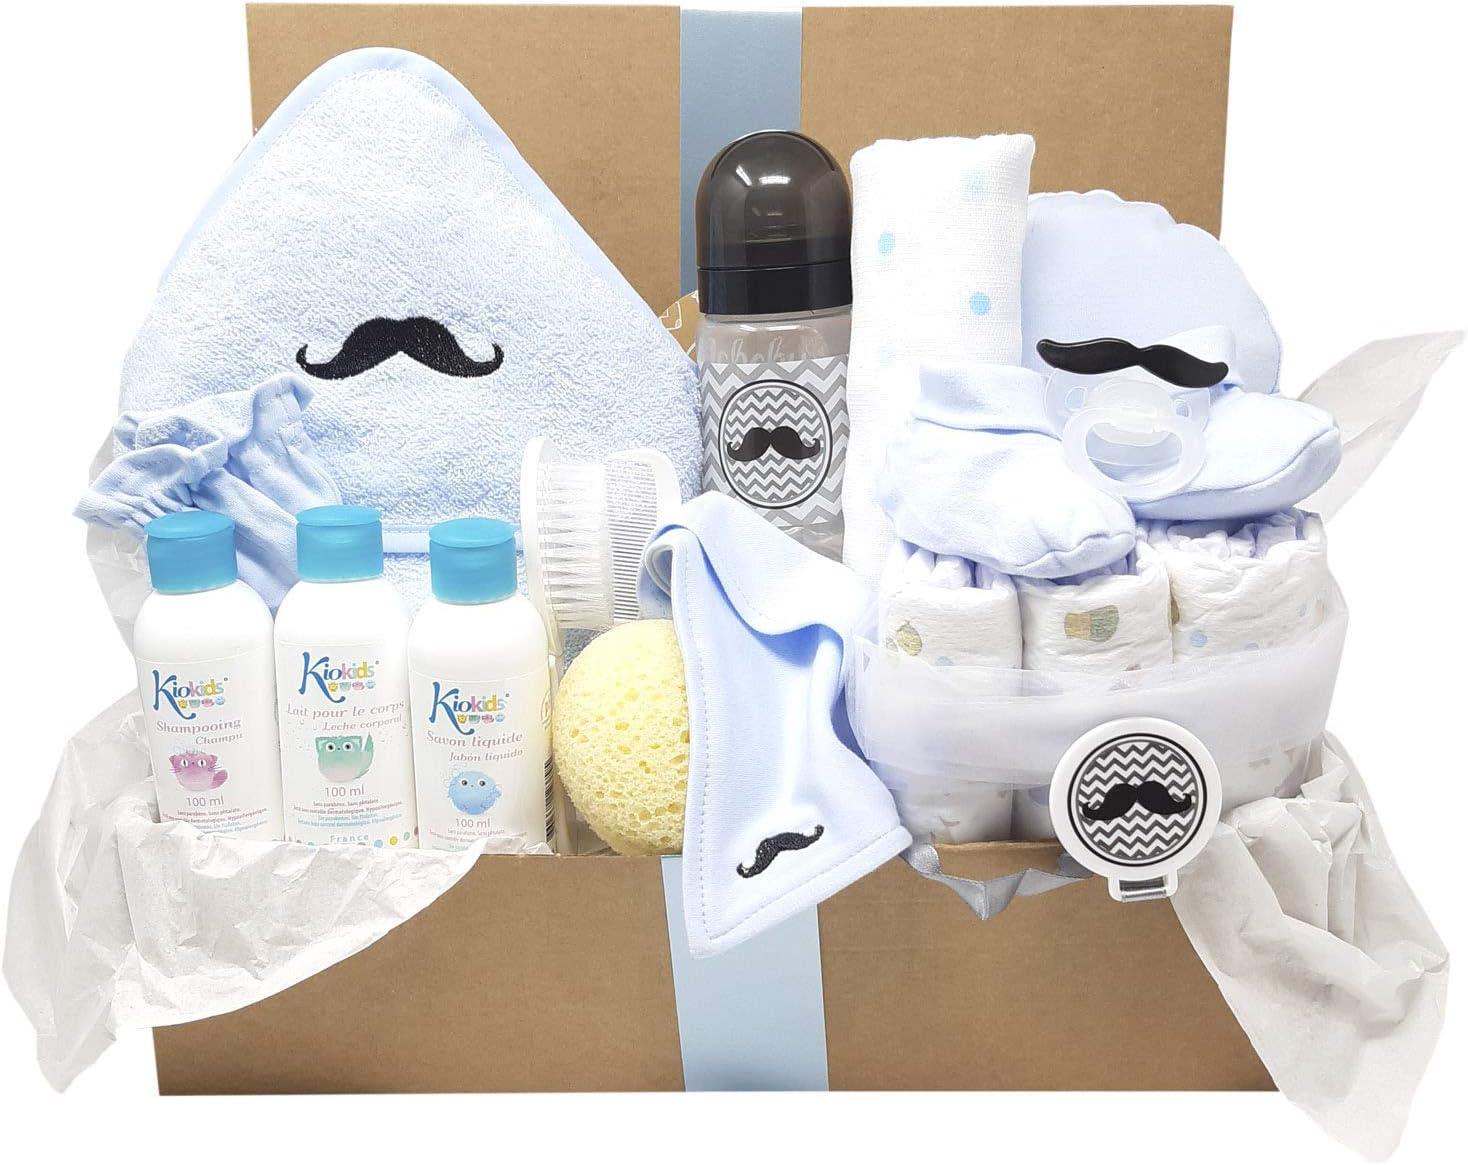 Mababyshop - Cesta para bebé Happy Kids, original regalo para bebés con divertidos labios y bigotes que lleva capa de baño, cepillo y peine, gorrito, patucos y productos de aseo de bebé… (Bigote)